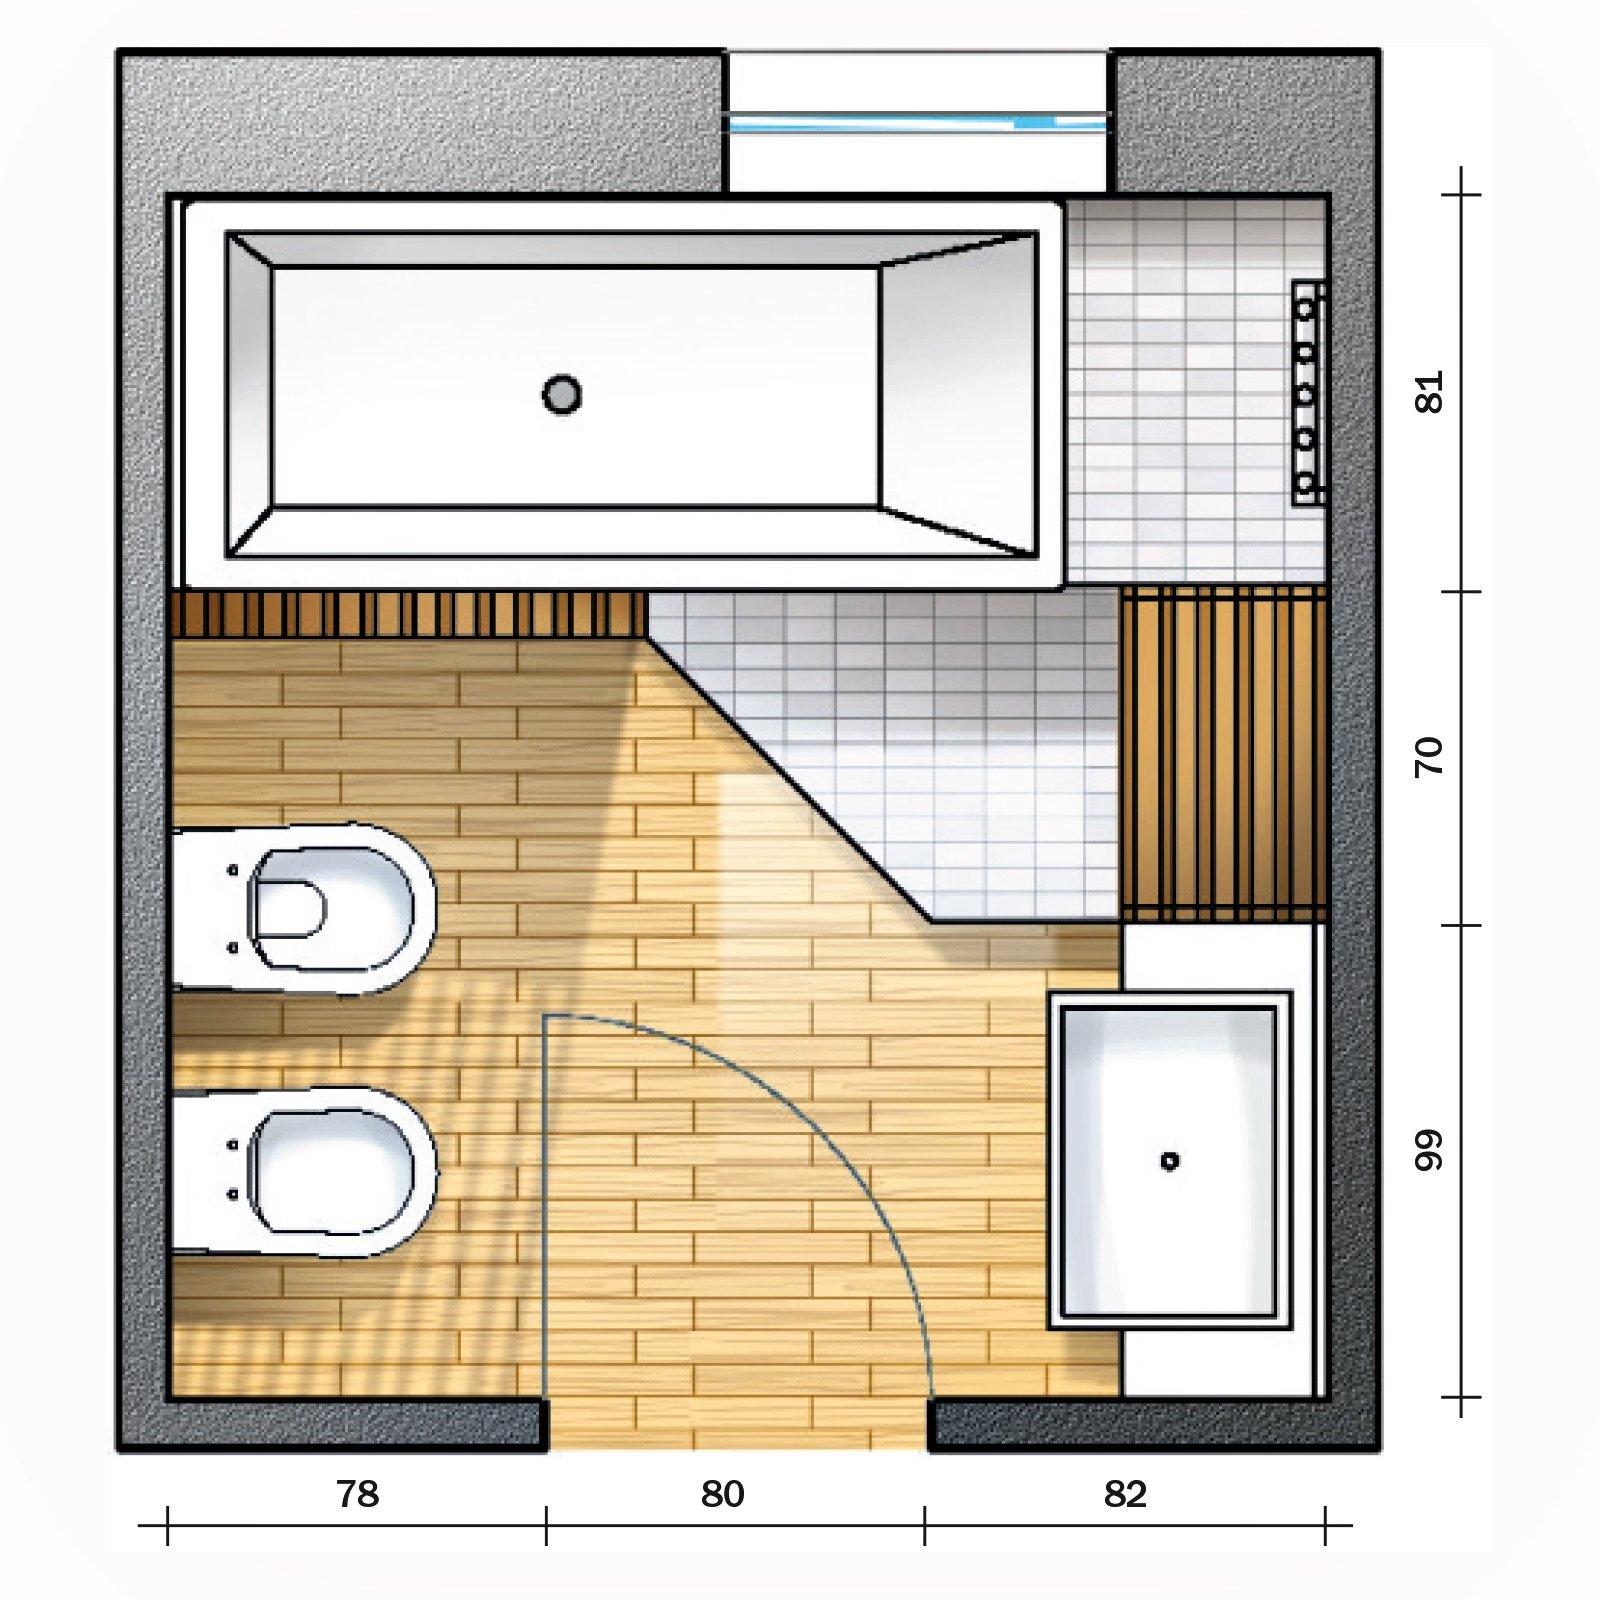 Bagno con pianta del progetto e costi dei lavori terza for Planimetrie aggiunte casa